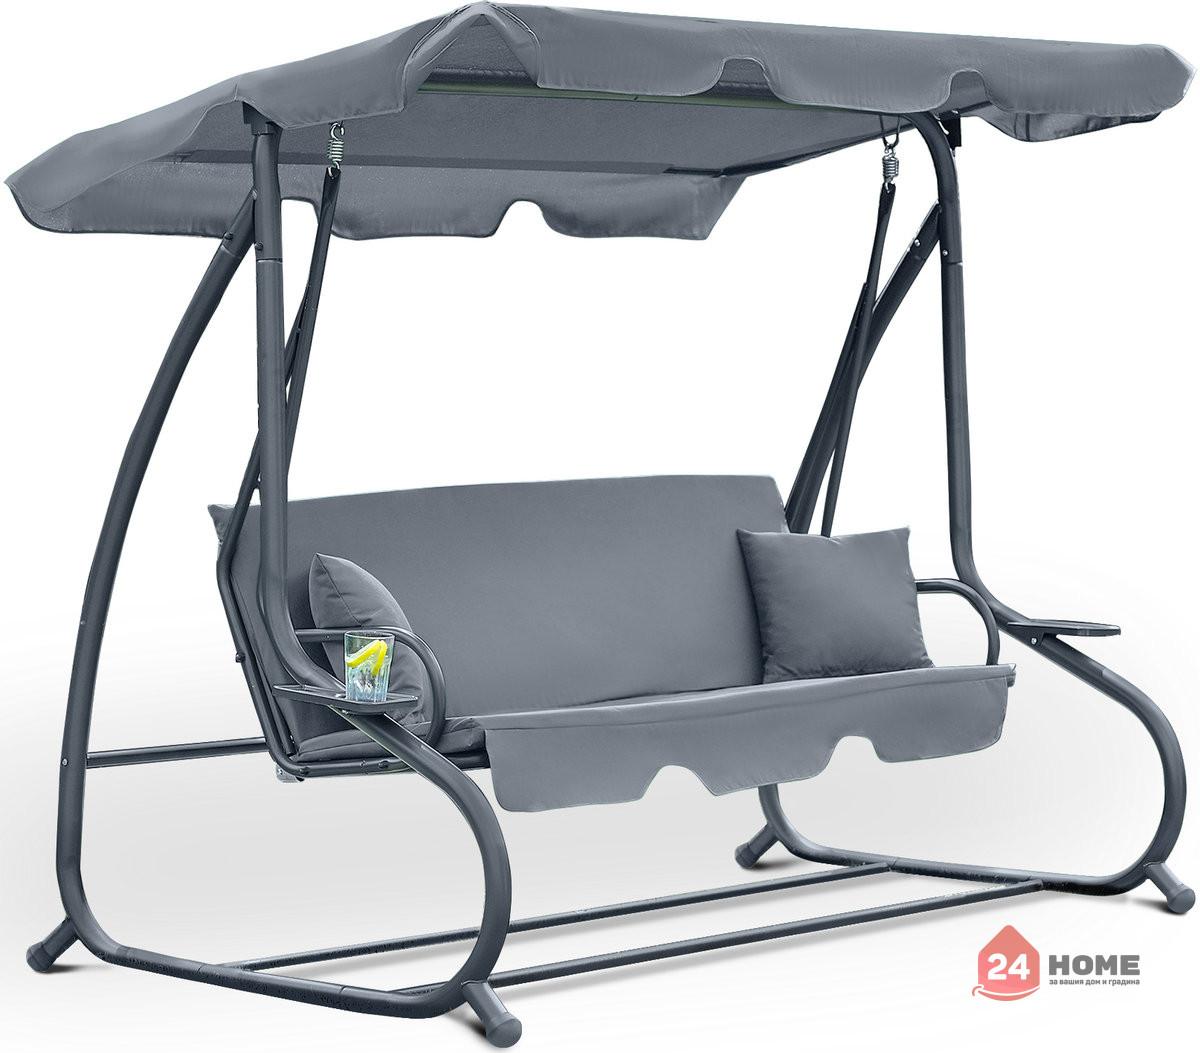 Градинска-люлка-триместна-регулируем-покрив-функция-легло-Relax-Plus-сива-1604_6